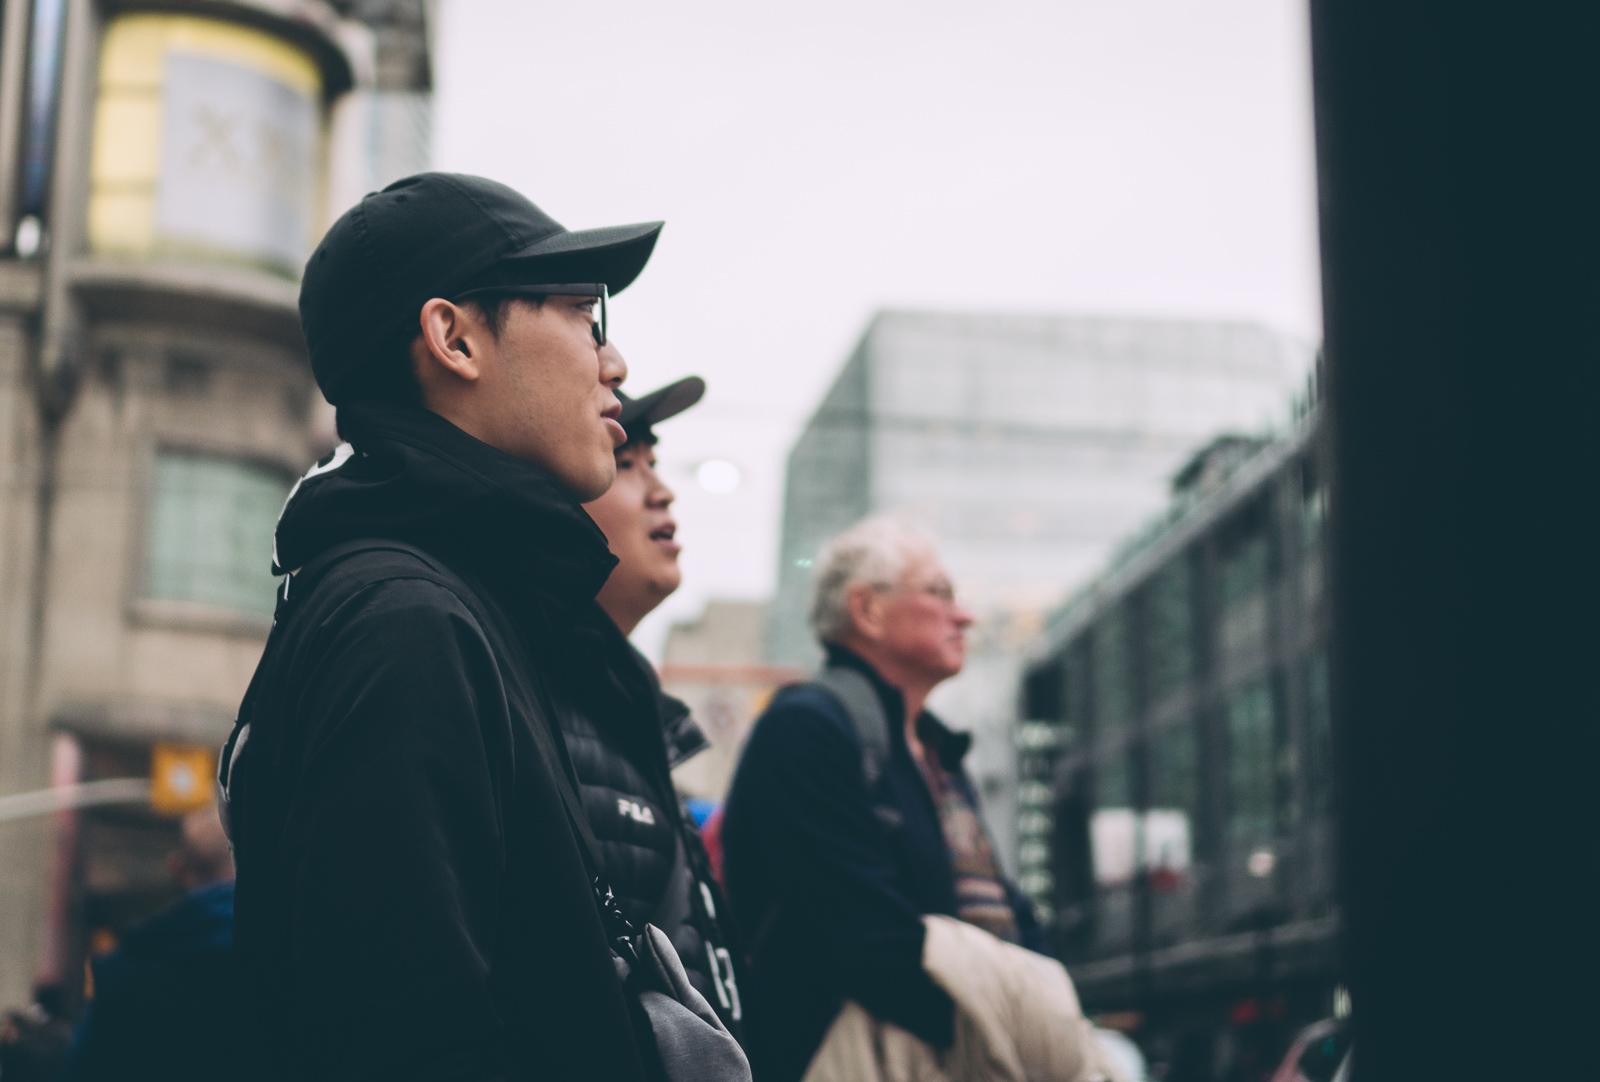 toronto-street-october-2018-blog-34.jpg